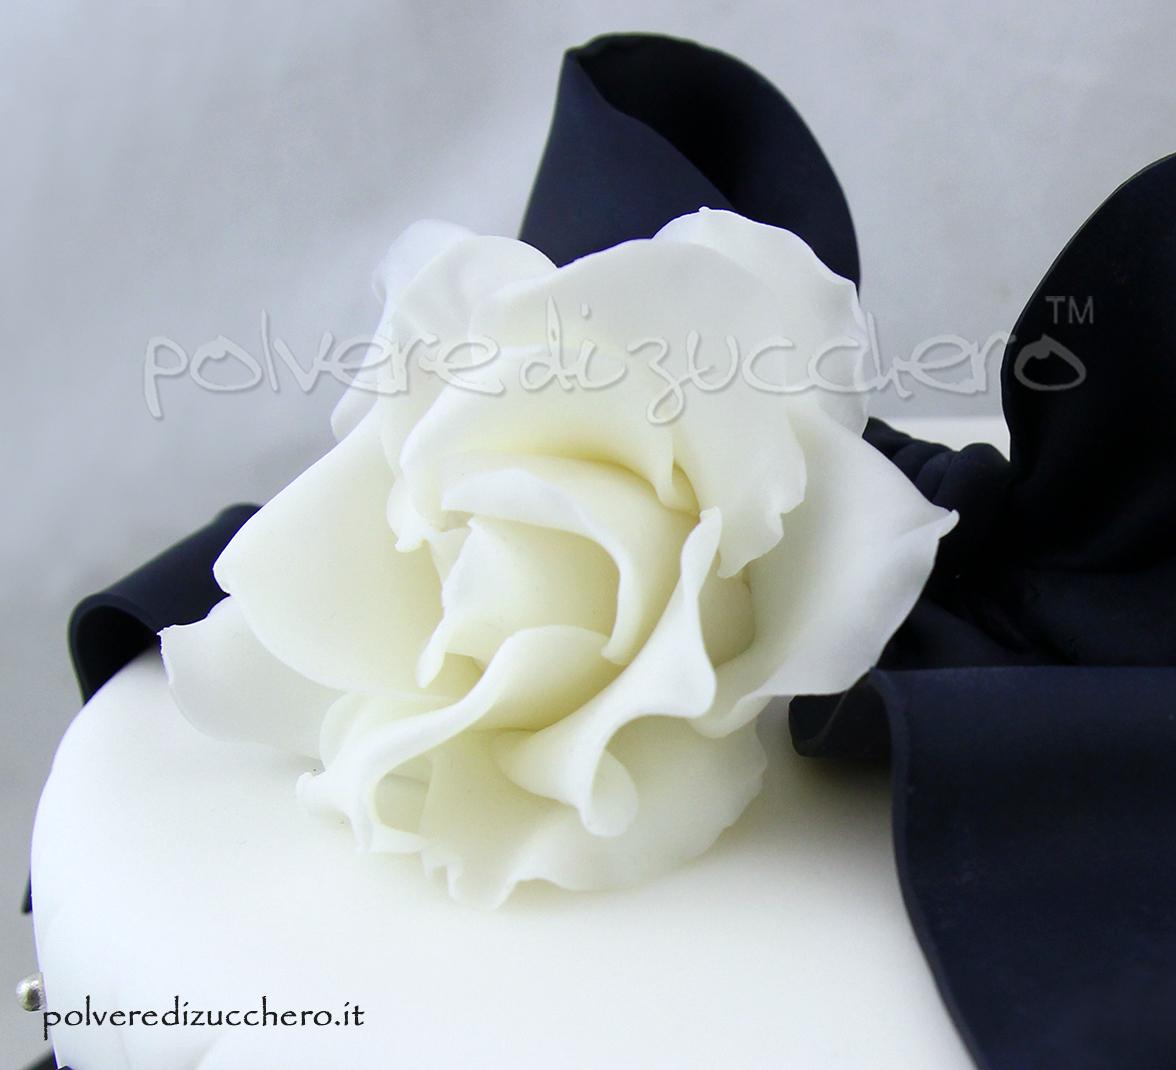 cake design torta chanel polvere di zucchero rose pasta di zucchero fiocco bianco e nero torta elegante